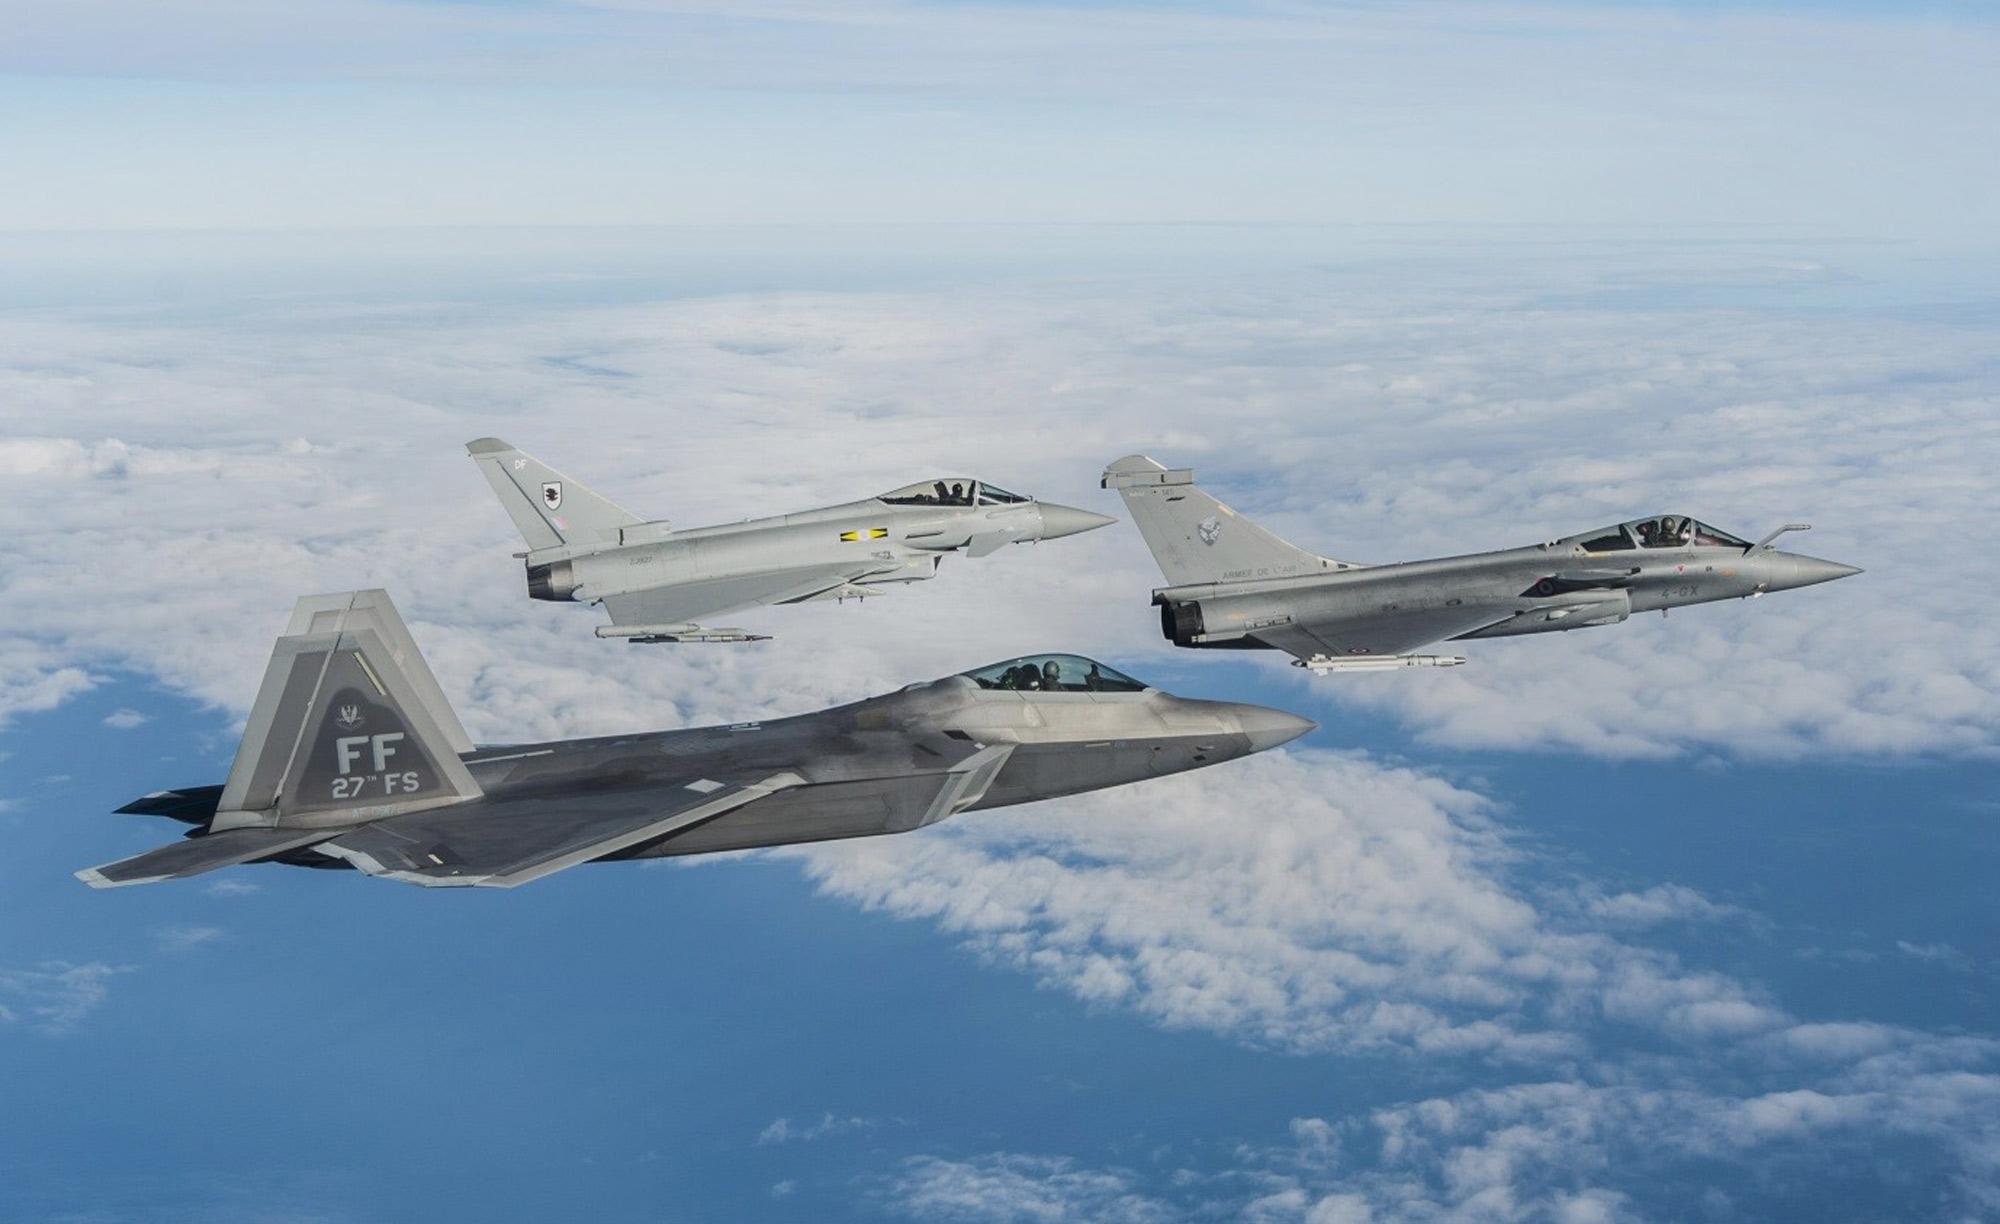 <span class = 'custom'>Air surveillance</span> & situation awareness